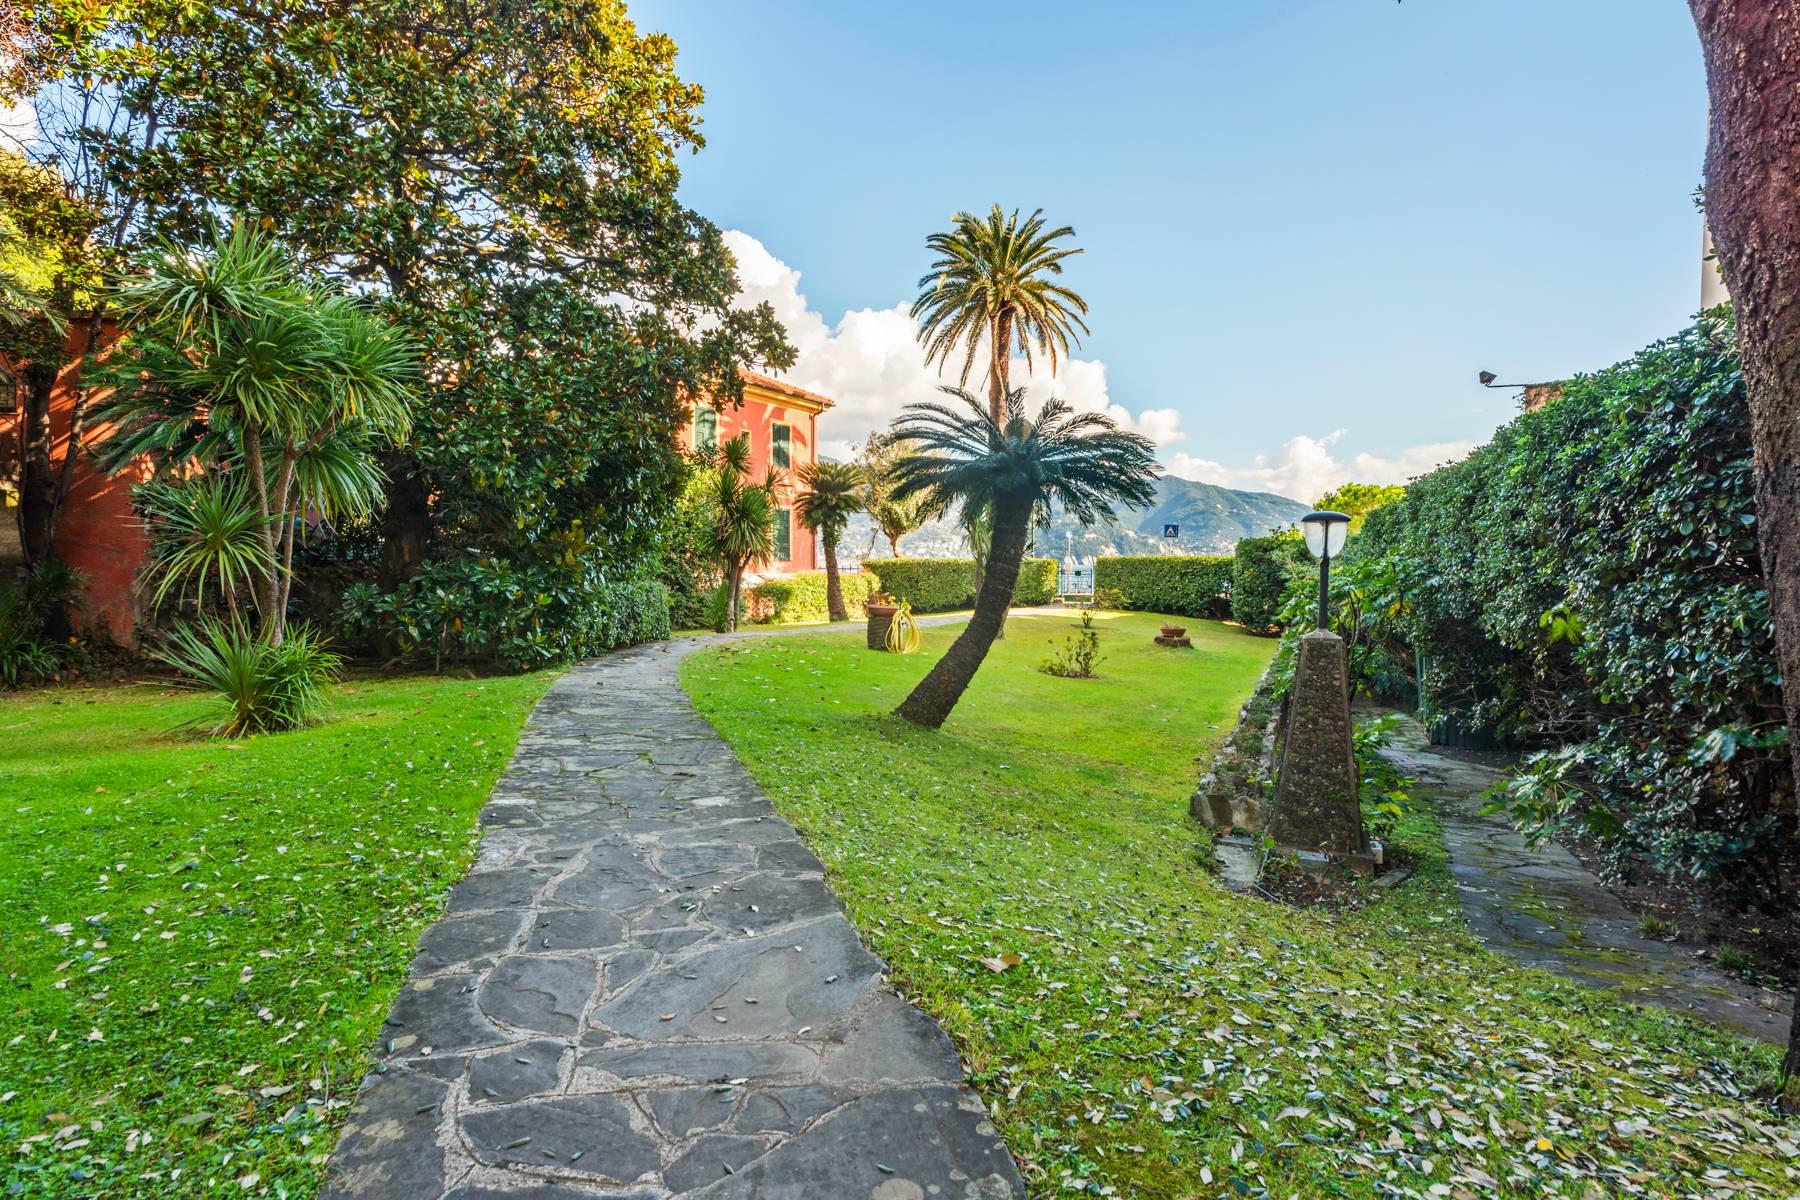 Appartamento in Vendita a Santa Margherita Ligure: 5 locali, 120 mq - Foto 13